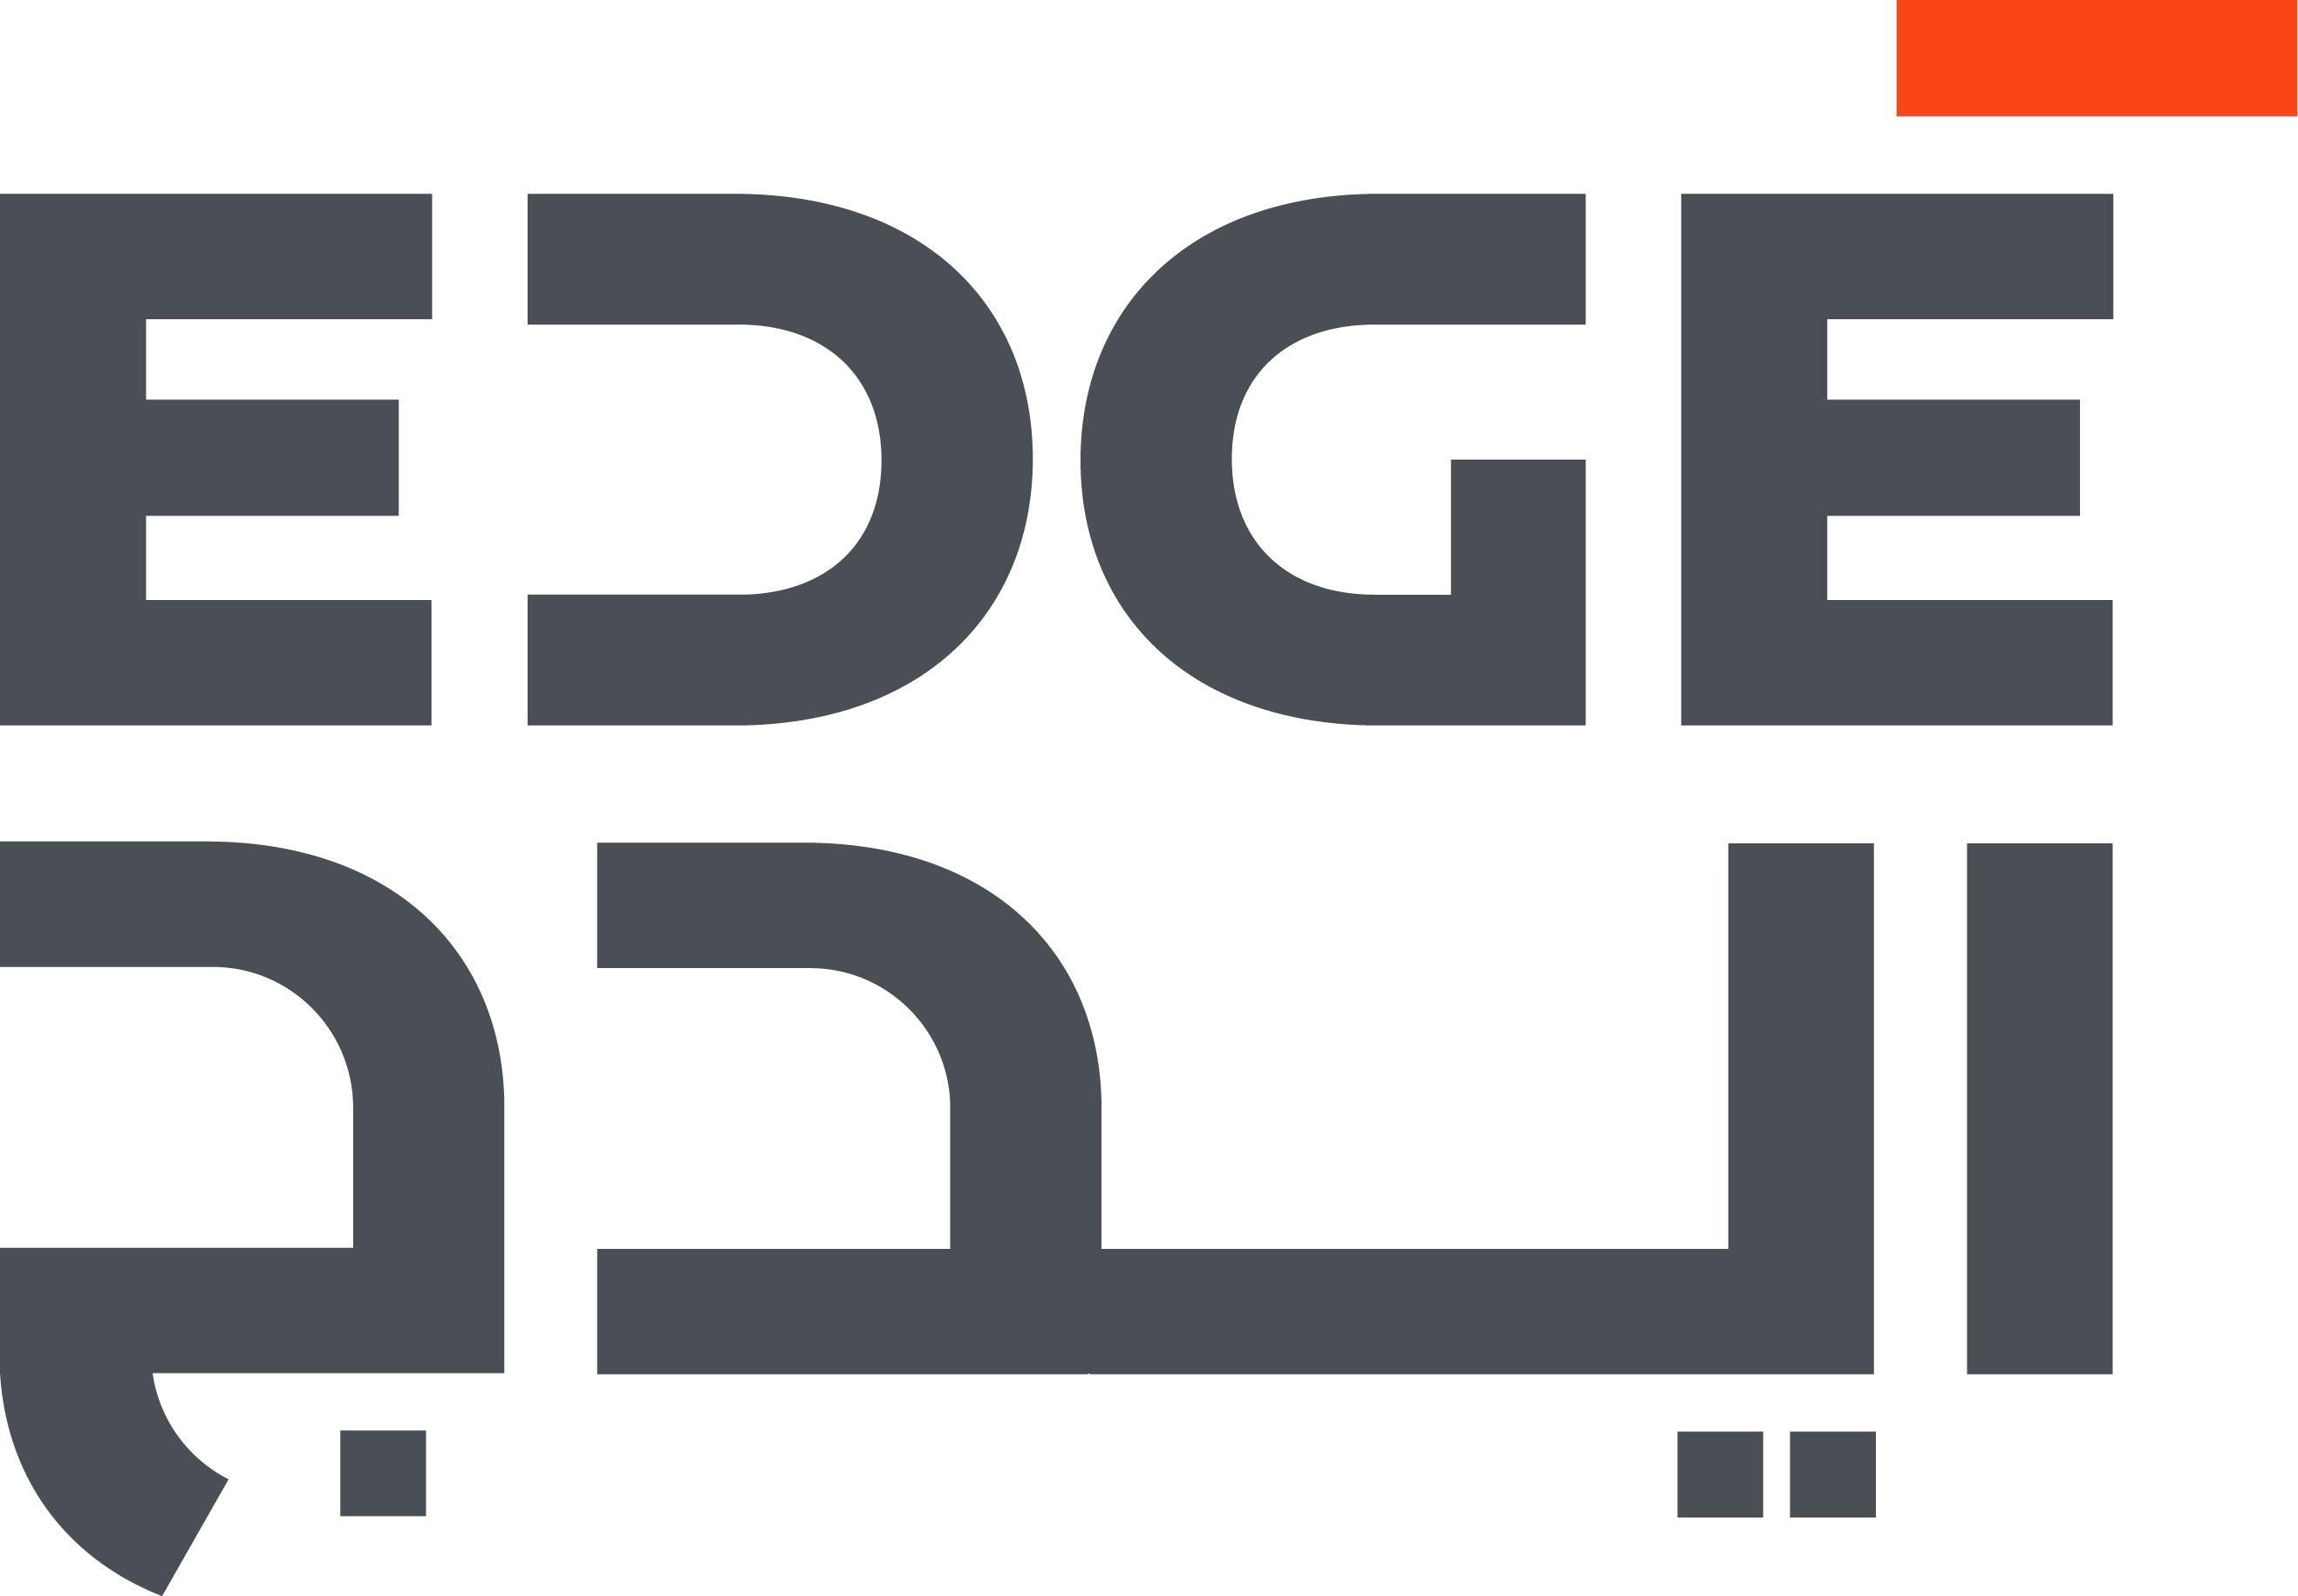 (ايدج) الإماراتية أولى شركات الشرق الأوسط ضمن تصنيف أكبر 25 شركة عسكرية في العالم